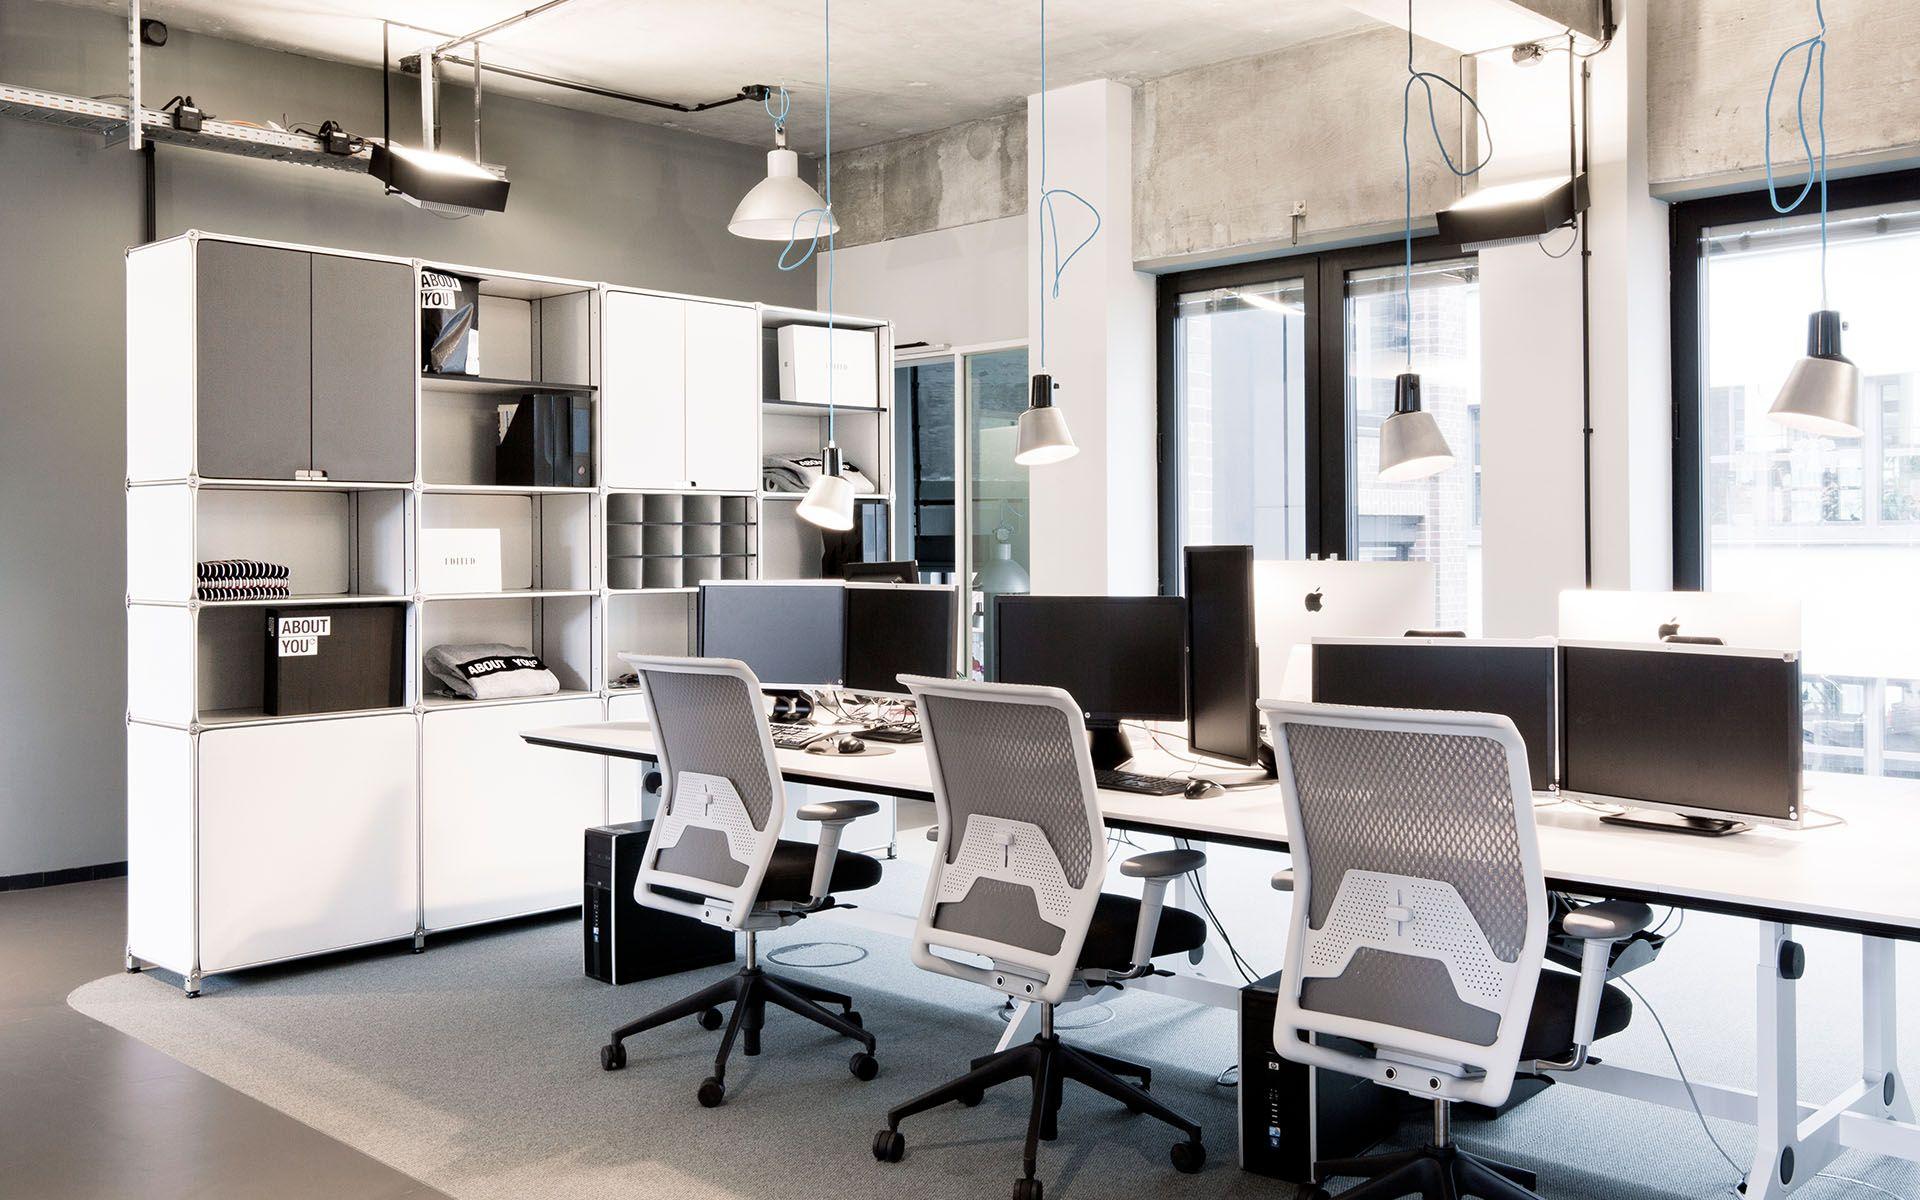 modulare b rom bel i design m belbausystem f r grossraumb ros i projekt collins gmbh co kg. Black Bedroom Furniture Sets. Home Design Ideas